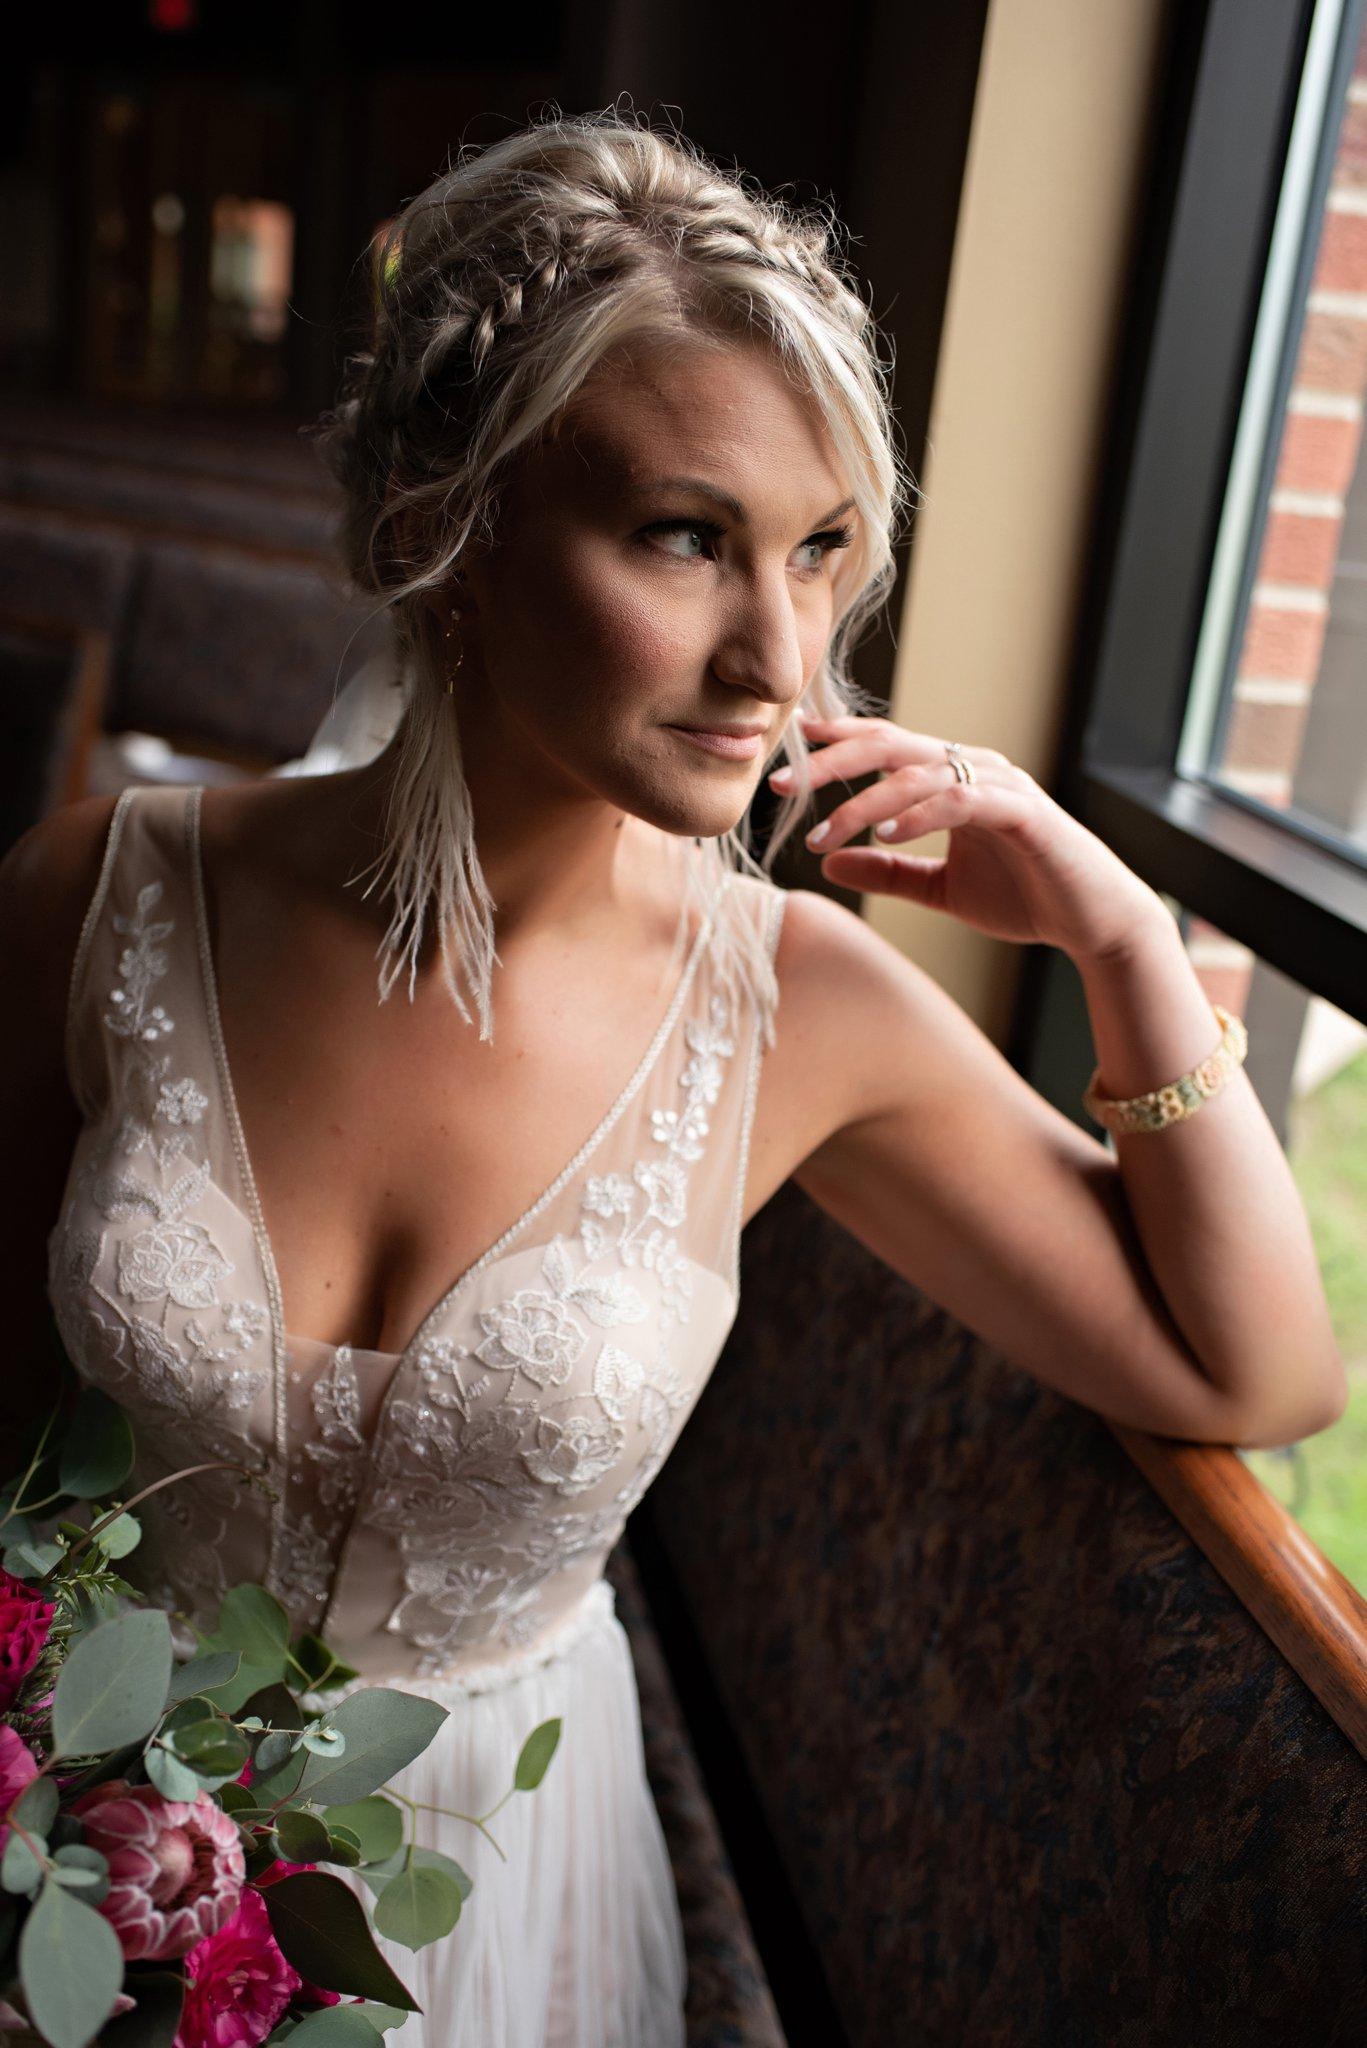 vneck dress for boho bride